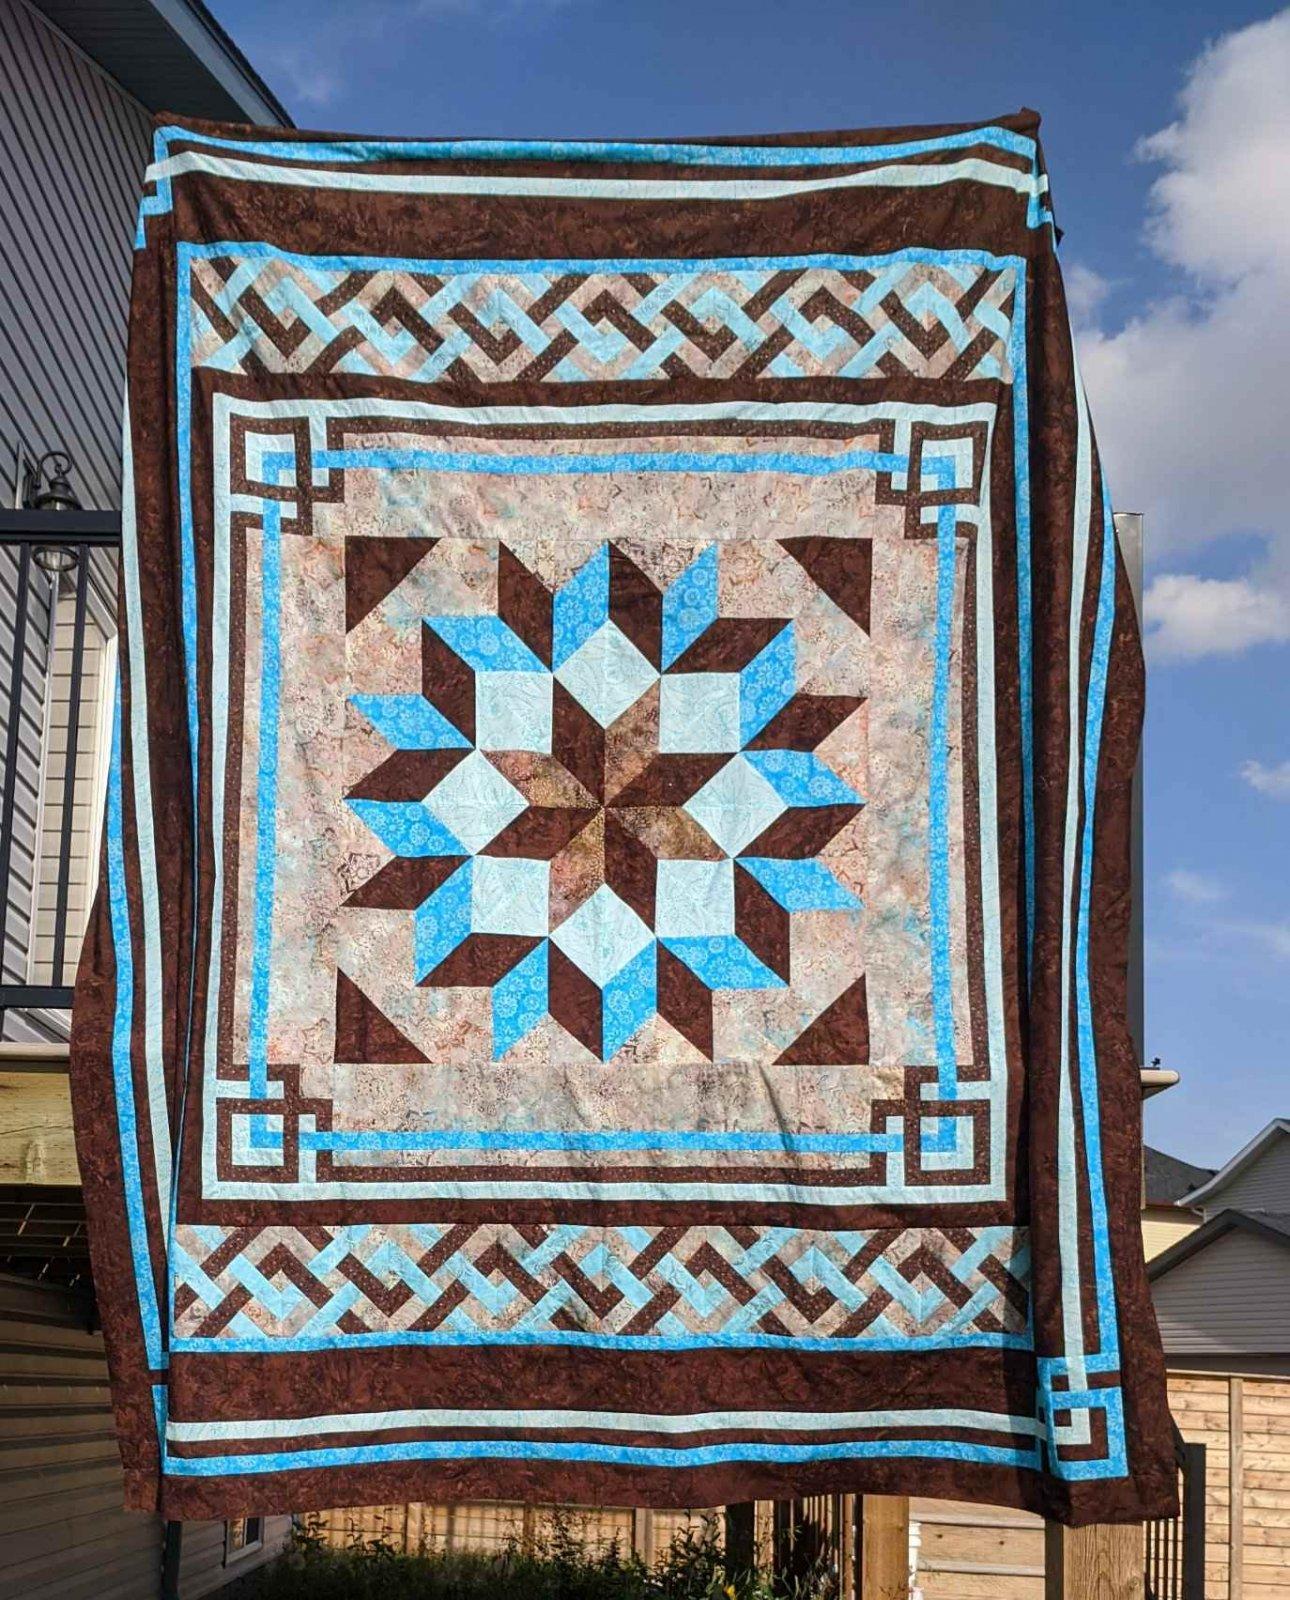 2Carpenter's Square quilt kit - queen size - batiks